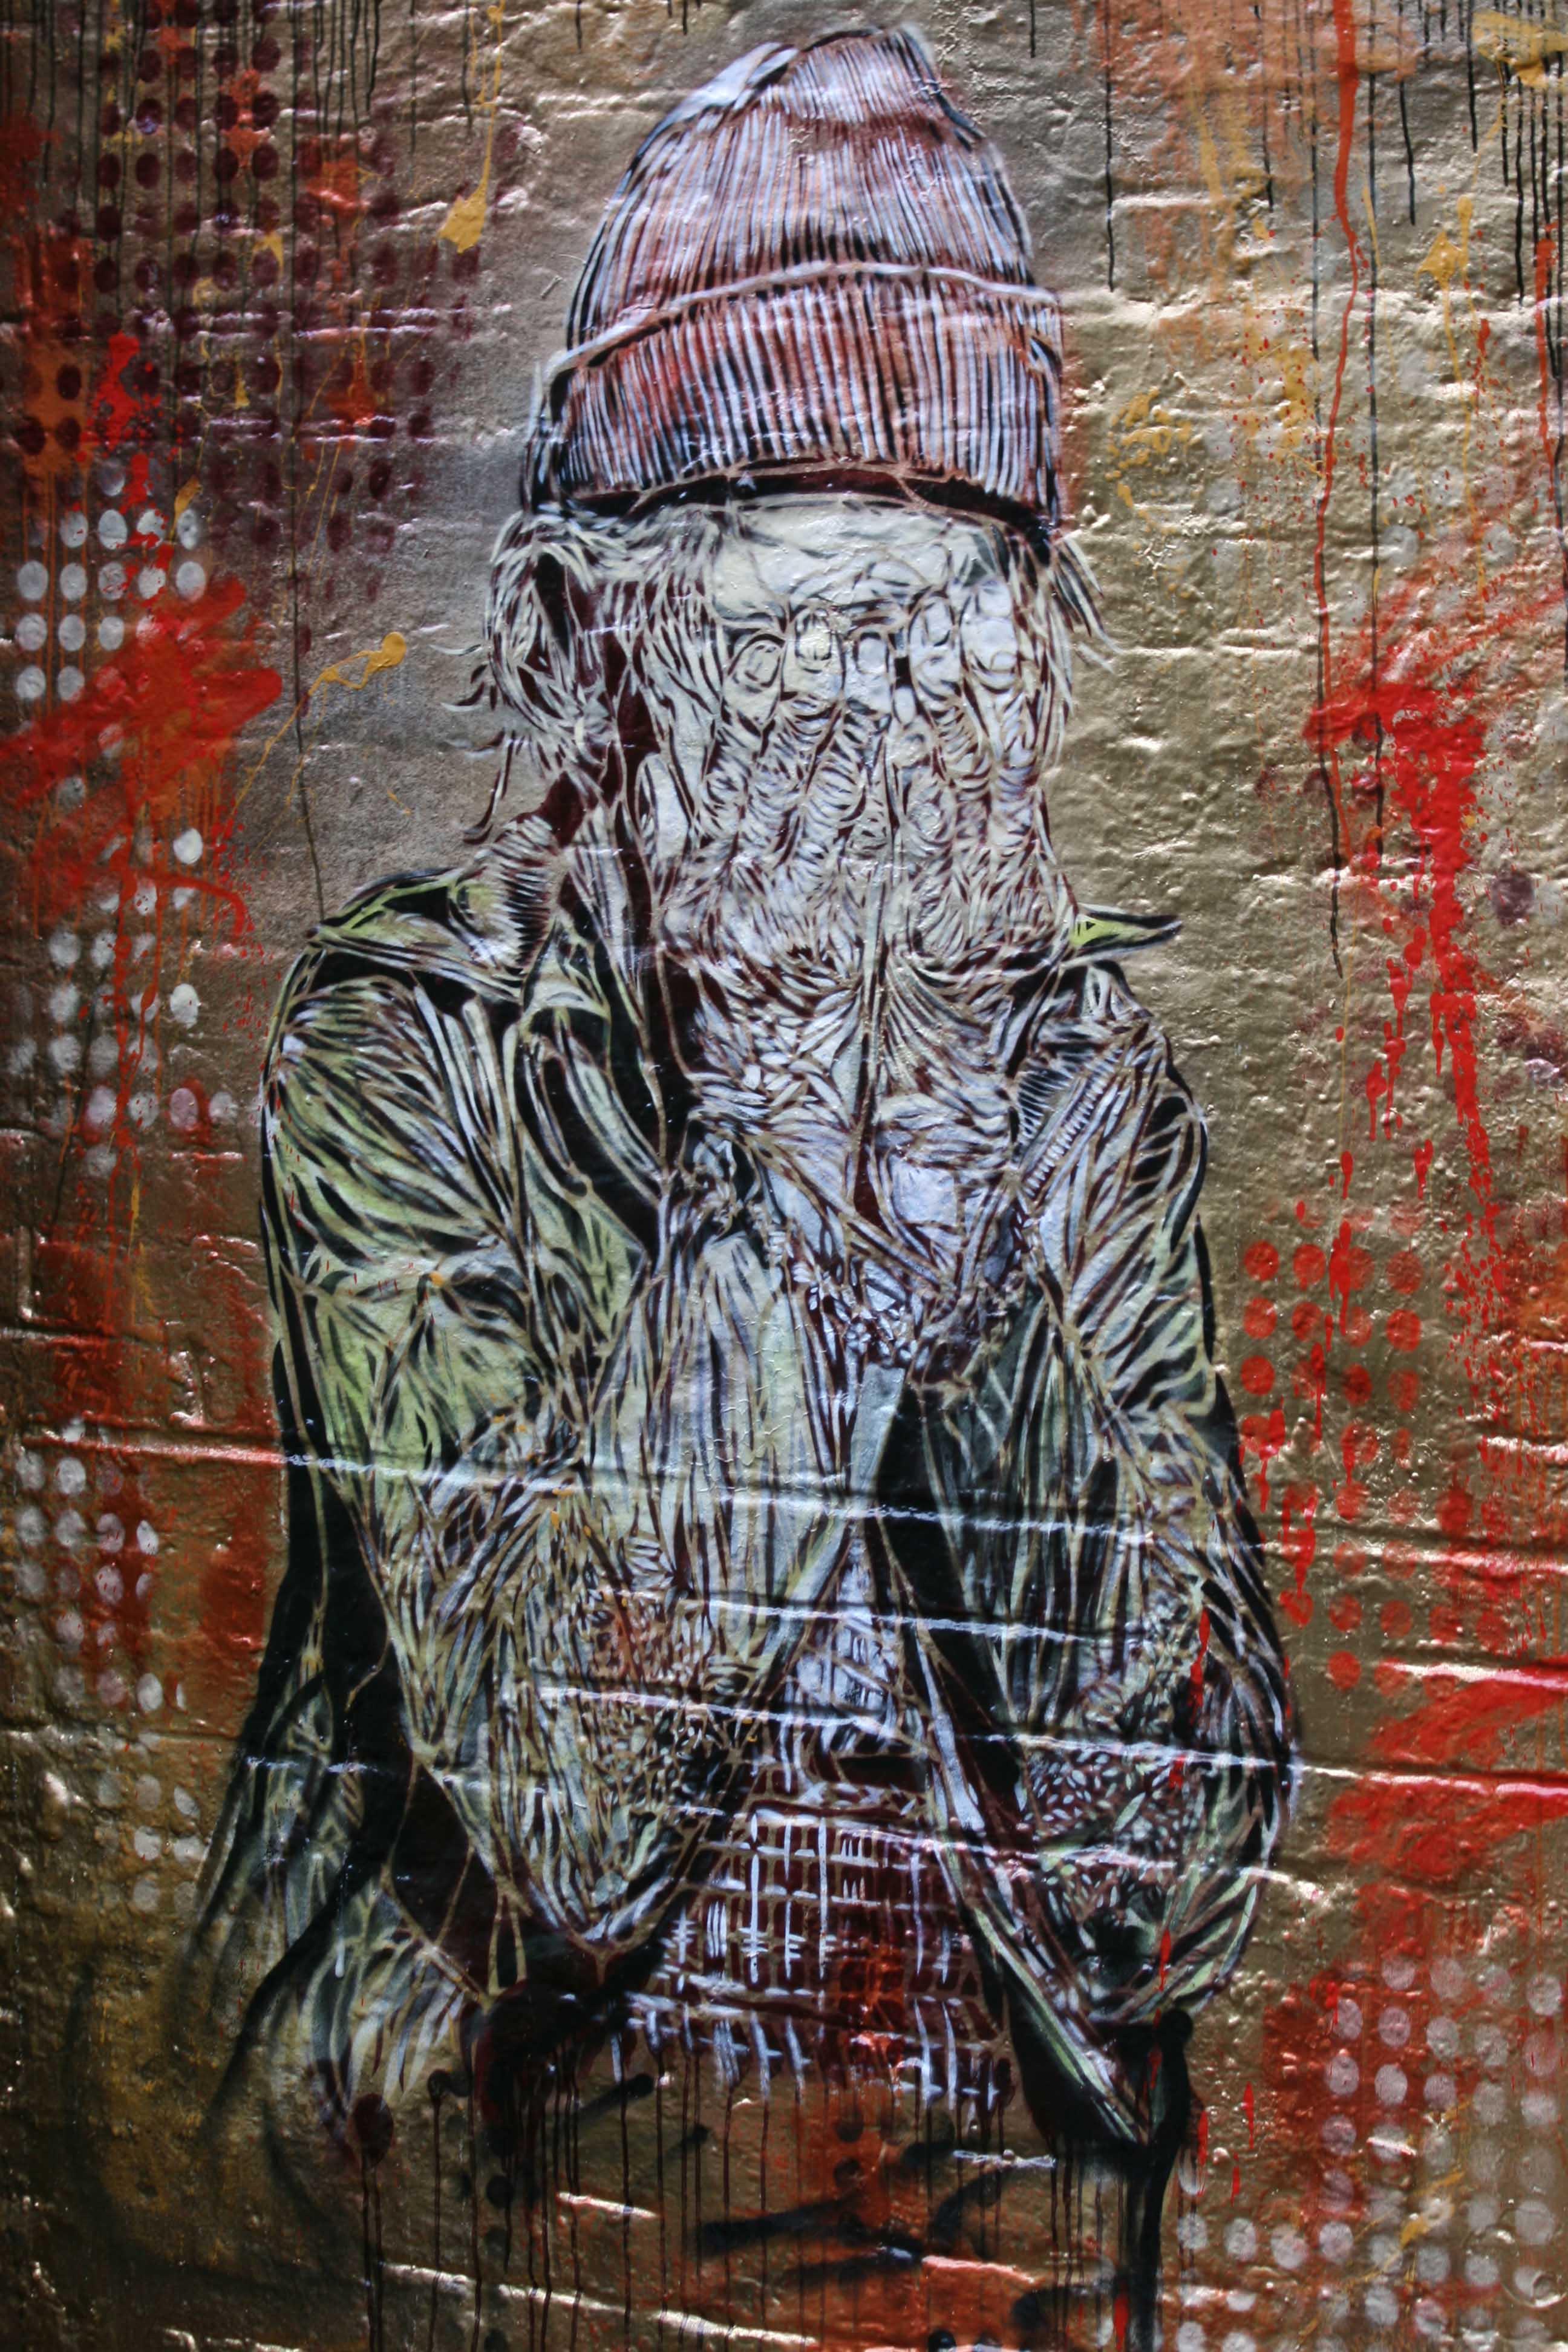 Head in Hands - Street Art by C215 in London